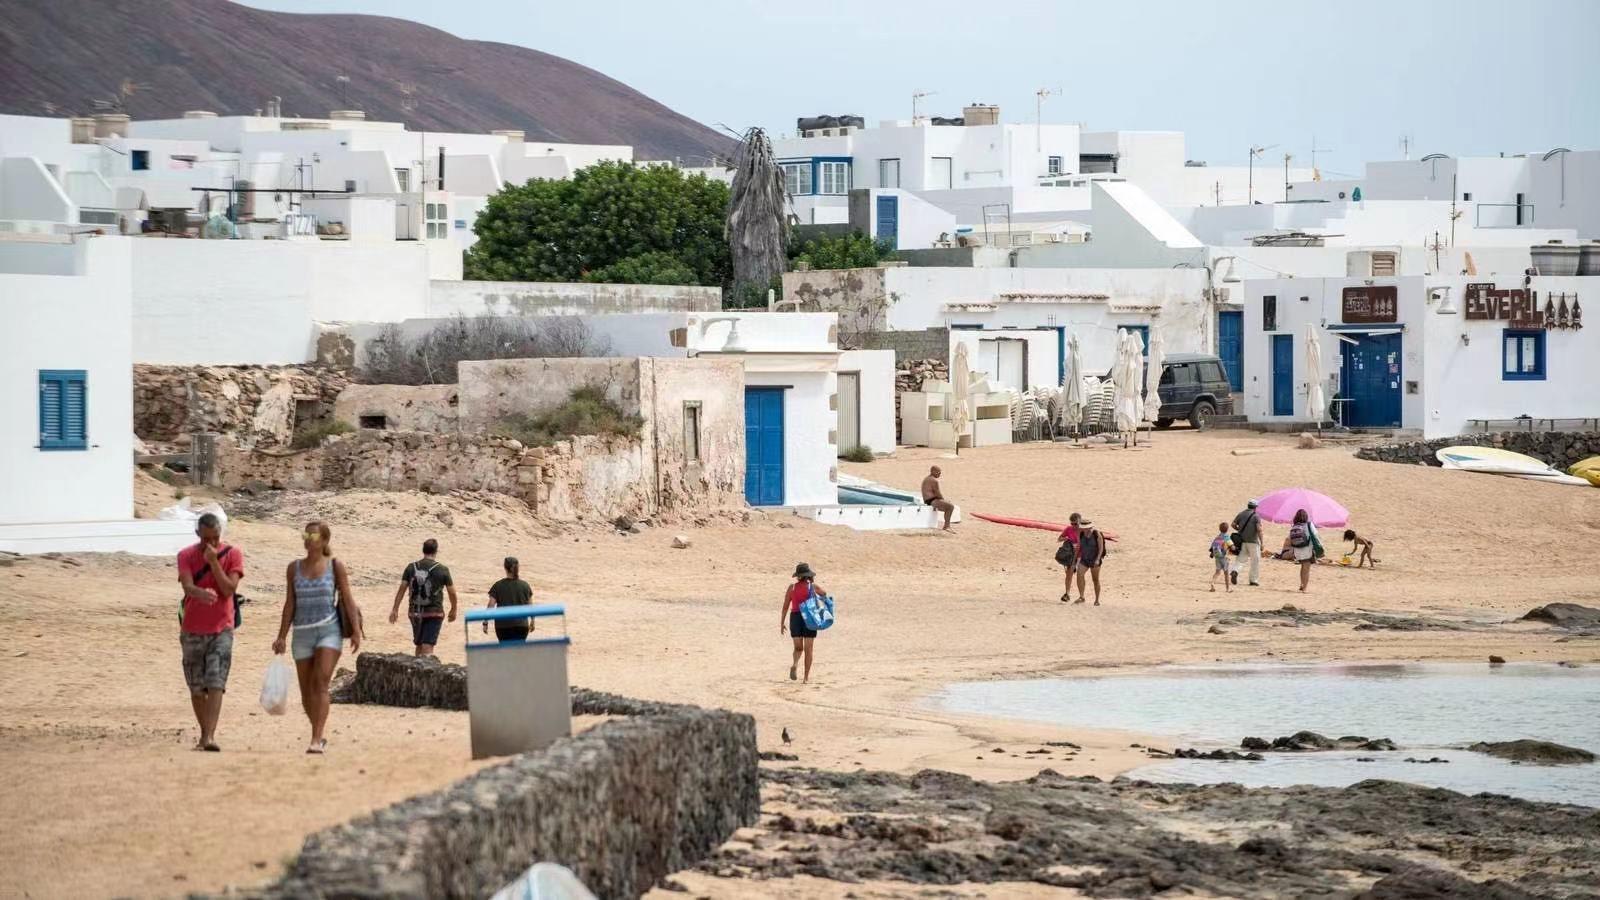 西班牙格拉西奥萨岛首次出现疫情集中暴发